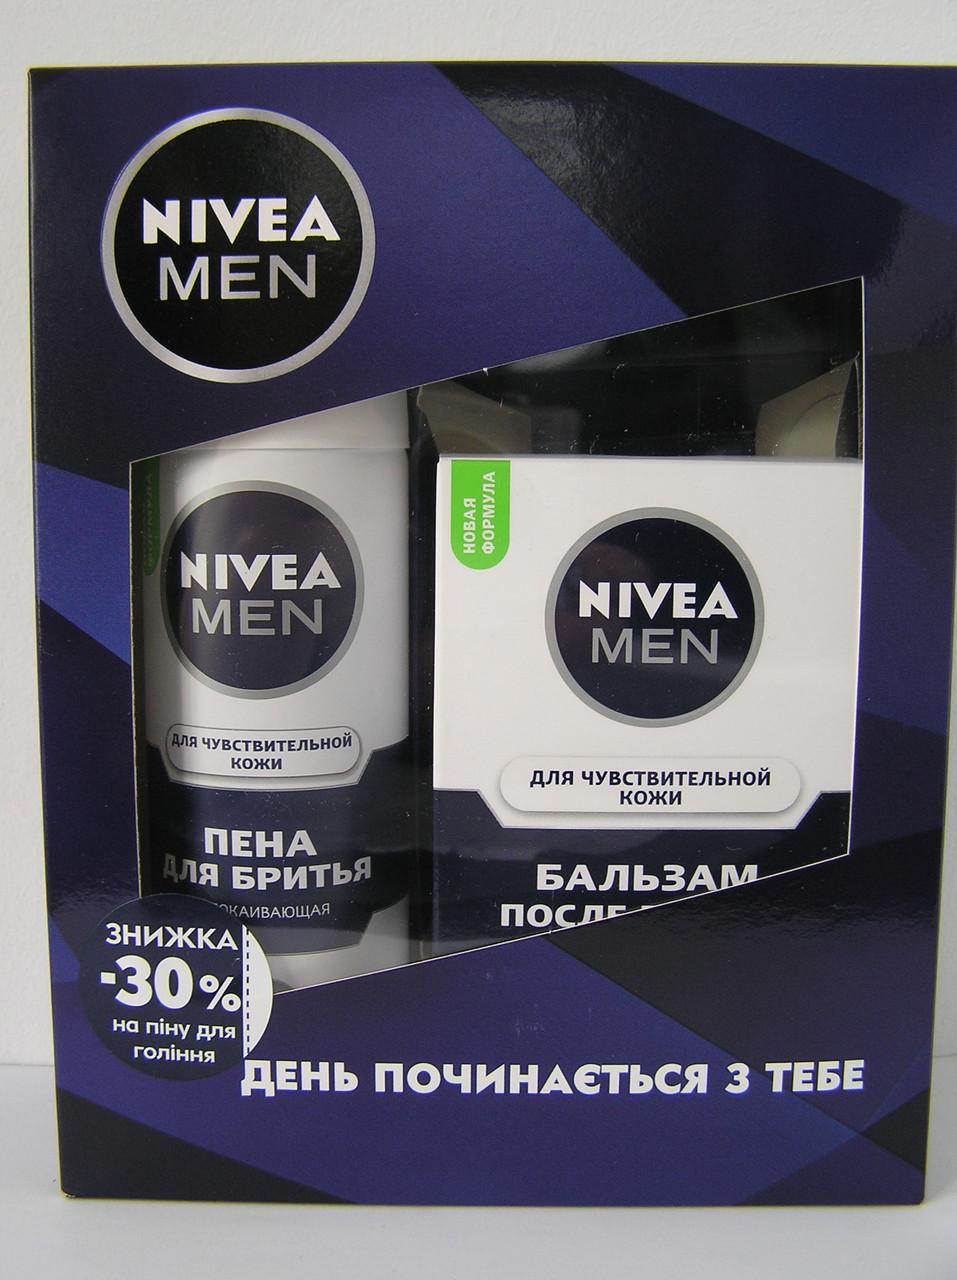 Набор мужской Nivea (Бальзам после бритья 100 мл.+пена для бритья 200 мл. с 30% скидкой)